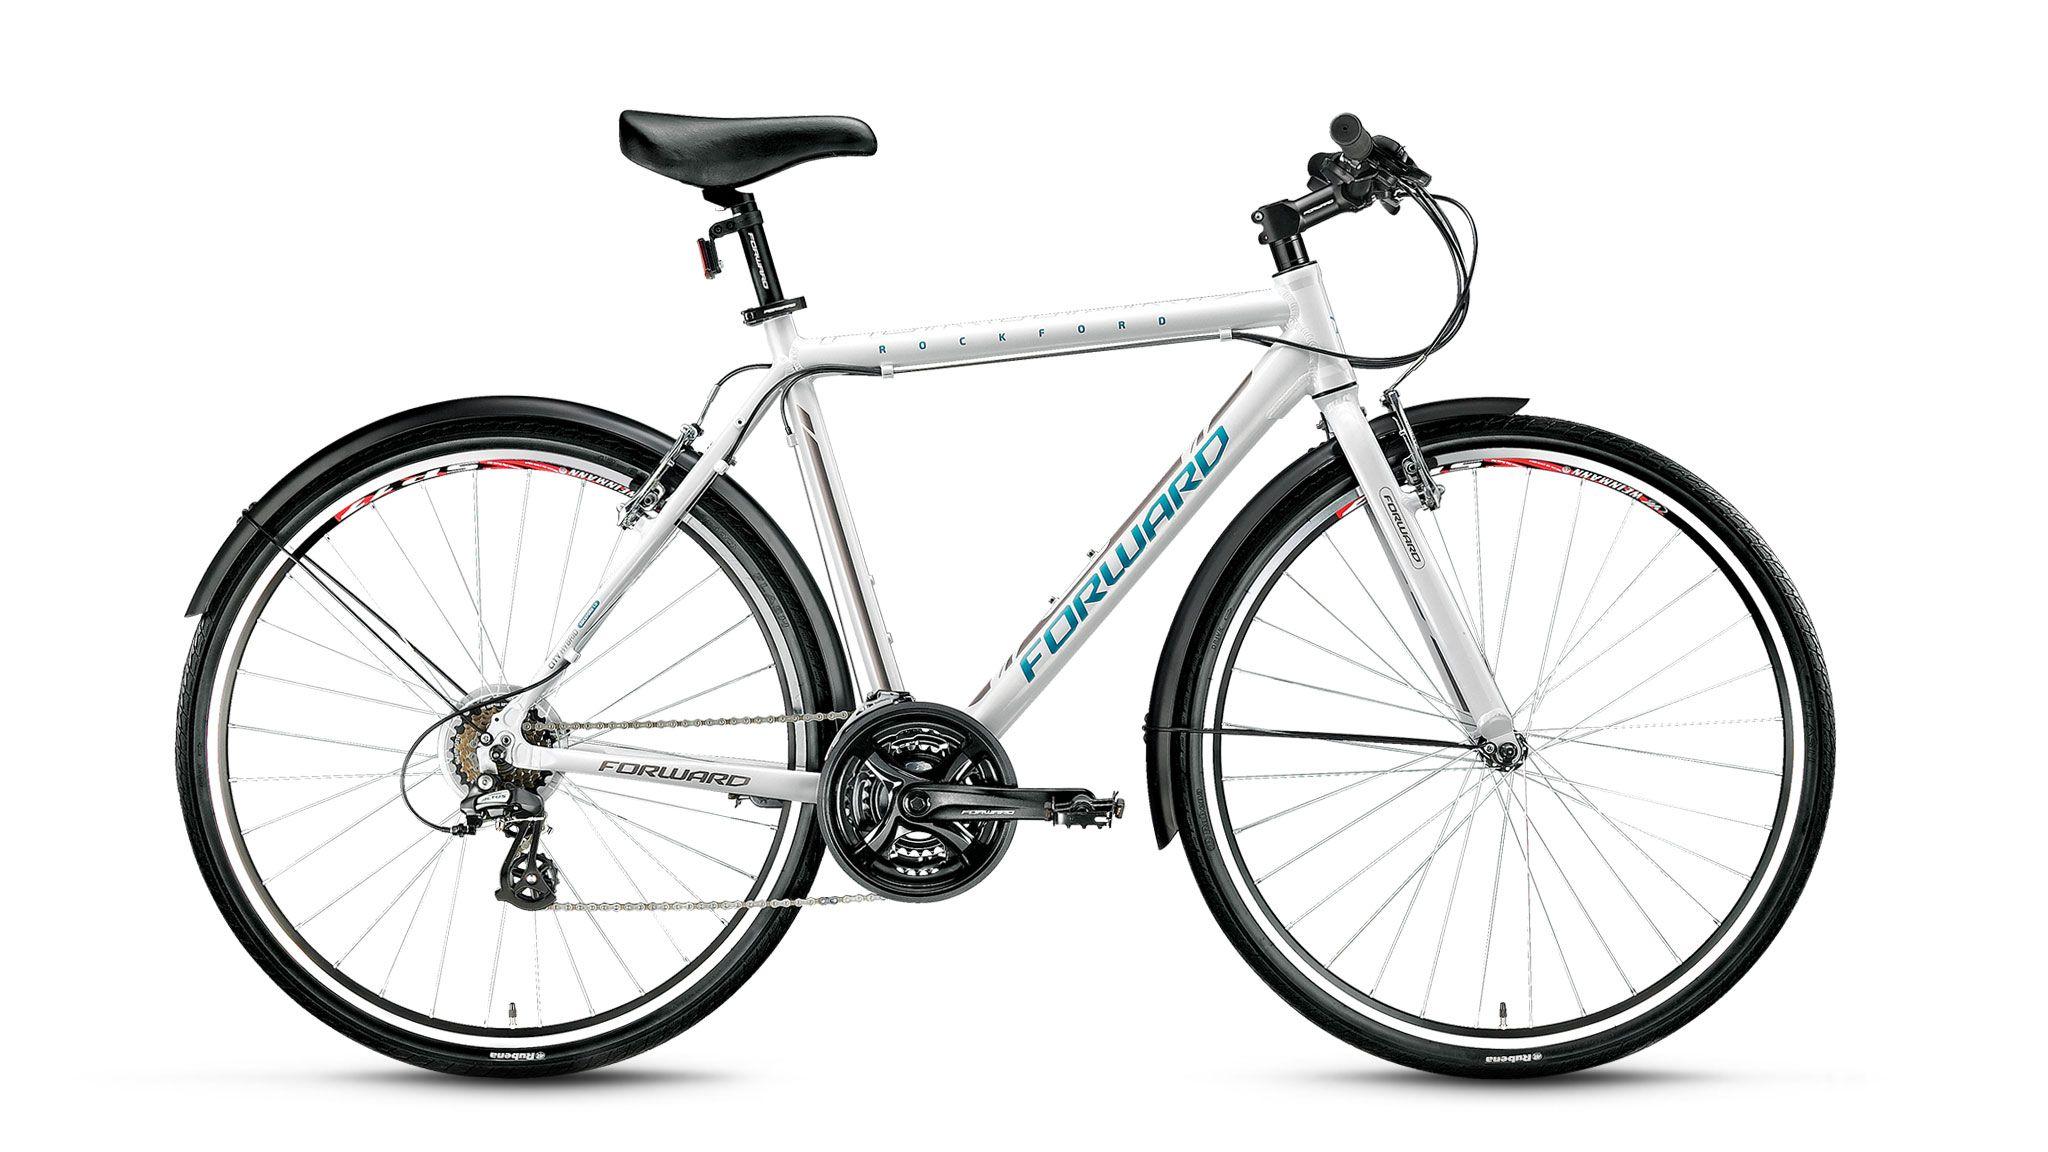 Велосипед Forward Rockford 1.0 (2017) белый 500 mmТУРИСТИЧЕСКИЕ<br><br><br>бренд: FORWARD<br>год: 2017<br>рама: Алюминий (Alloy)<br>вилка: Жесткая (алюминий)<br>блокировка амортизатора: Нет<br>диаметр колес: 700C<br>тормоза: Ободные (V-brake)<br>уровень оборудования: Начальный<br>количество скоростей: 21<br>Цвет: белый<br>Размер: 500 mm